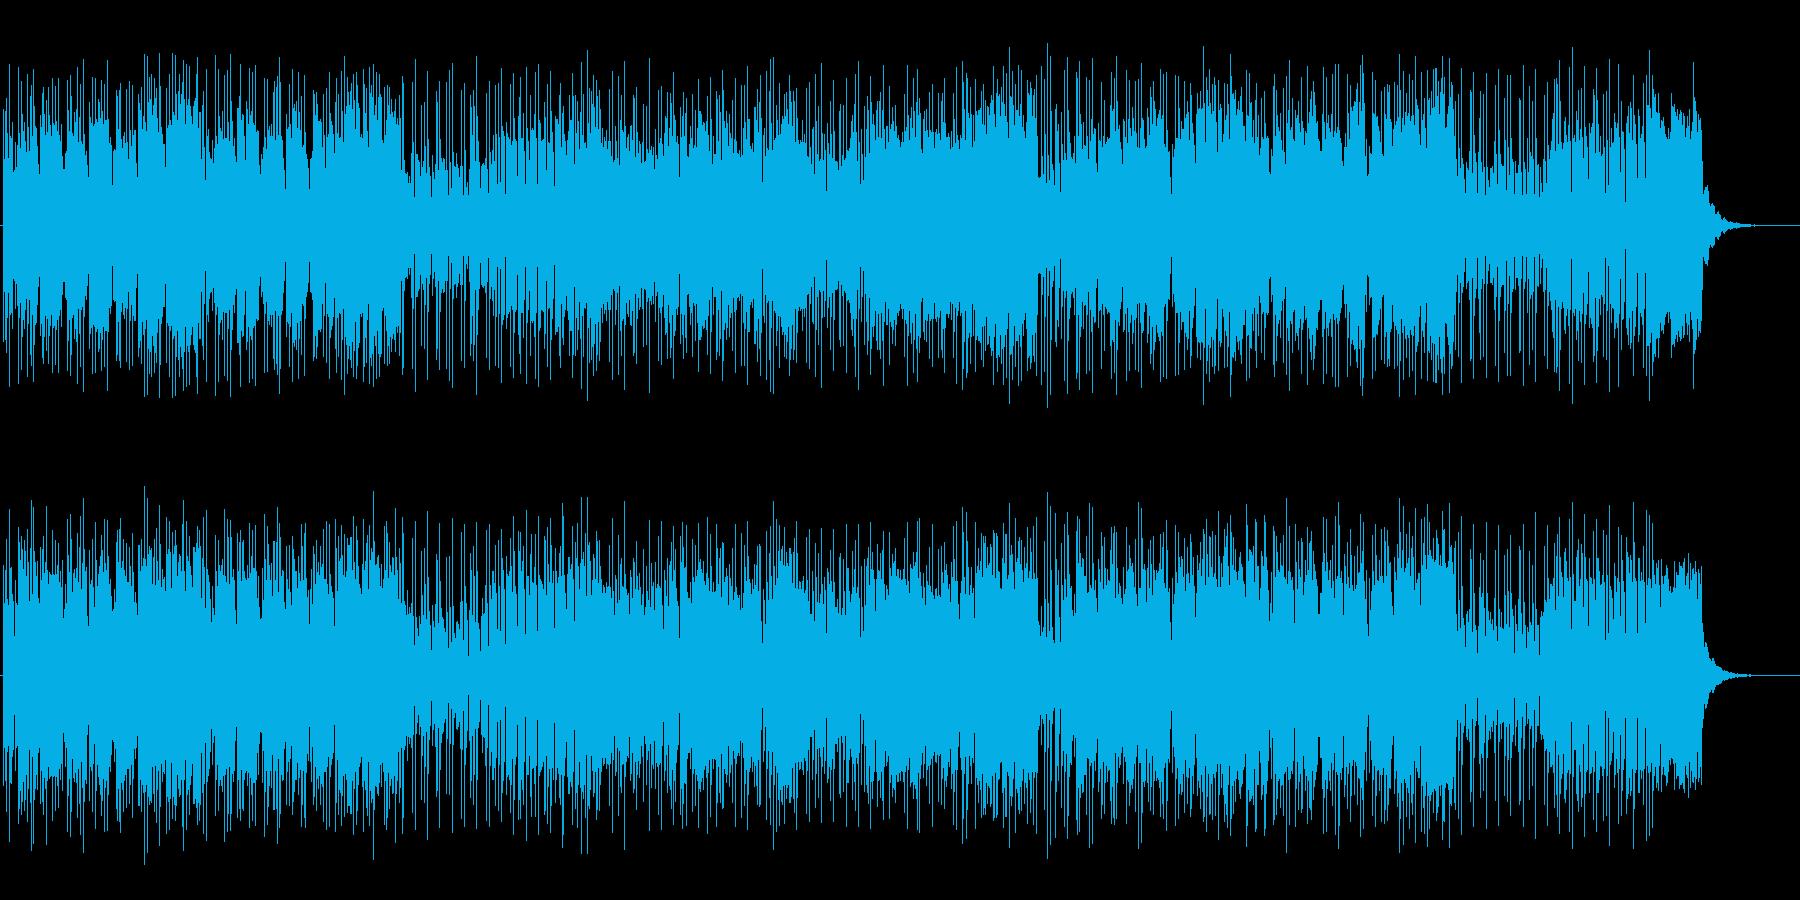 疾走感のあるポップで軽めのファンクの再生済みの波形